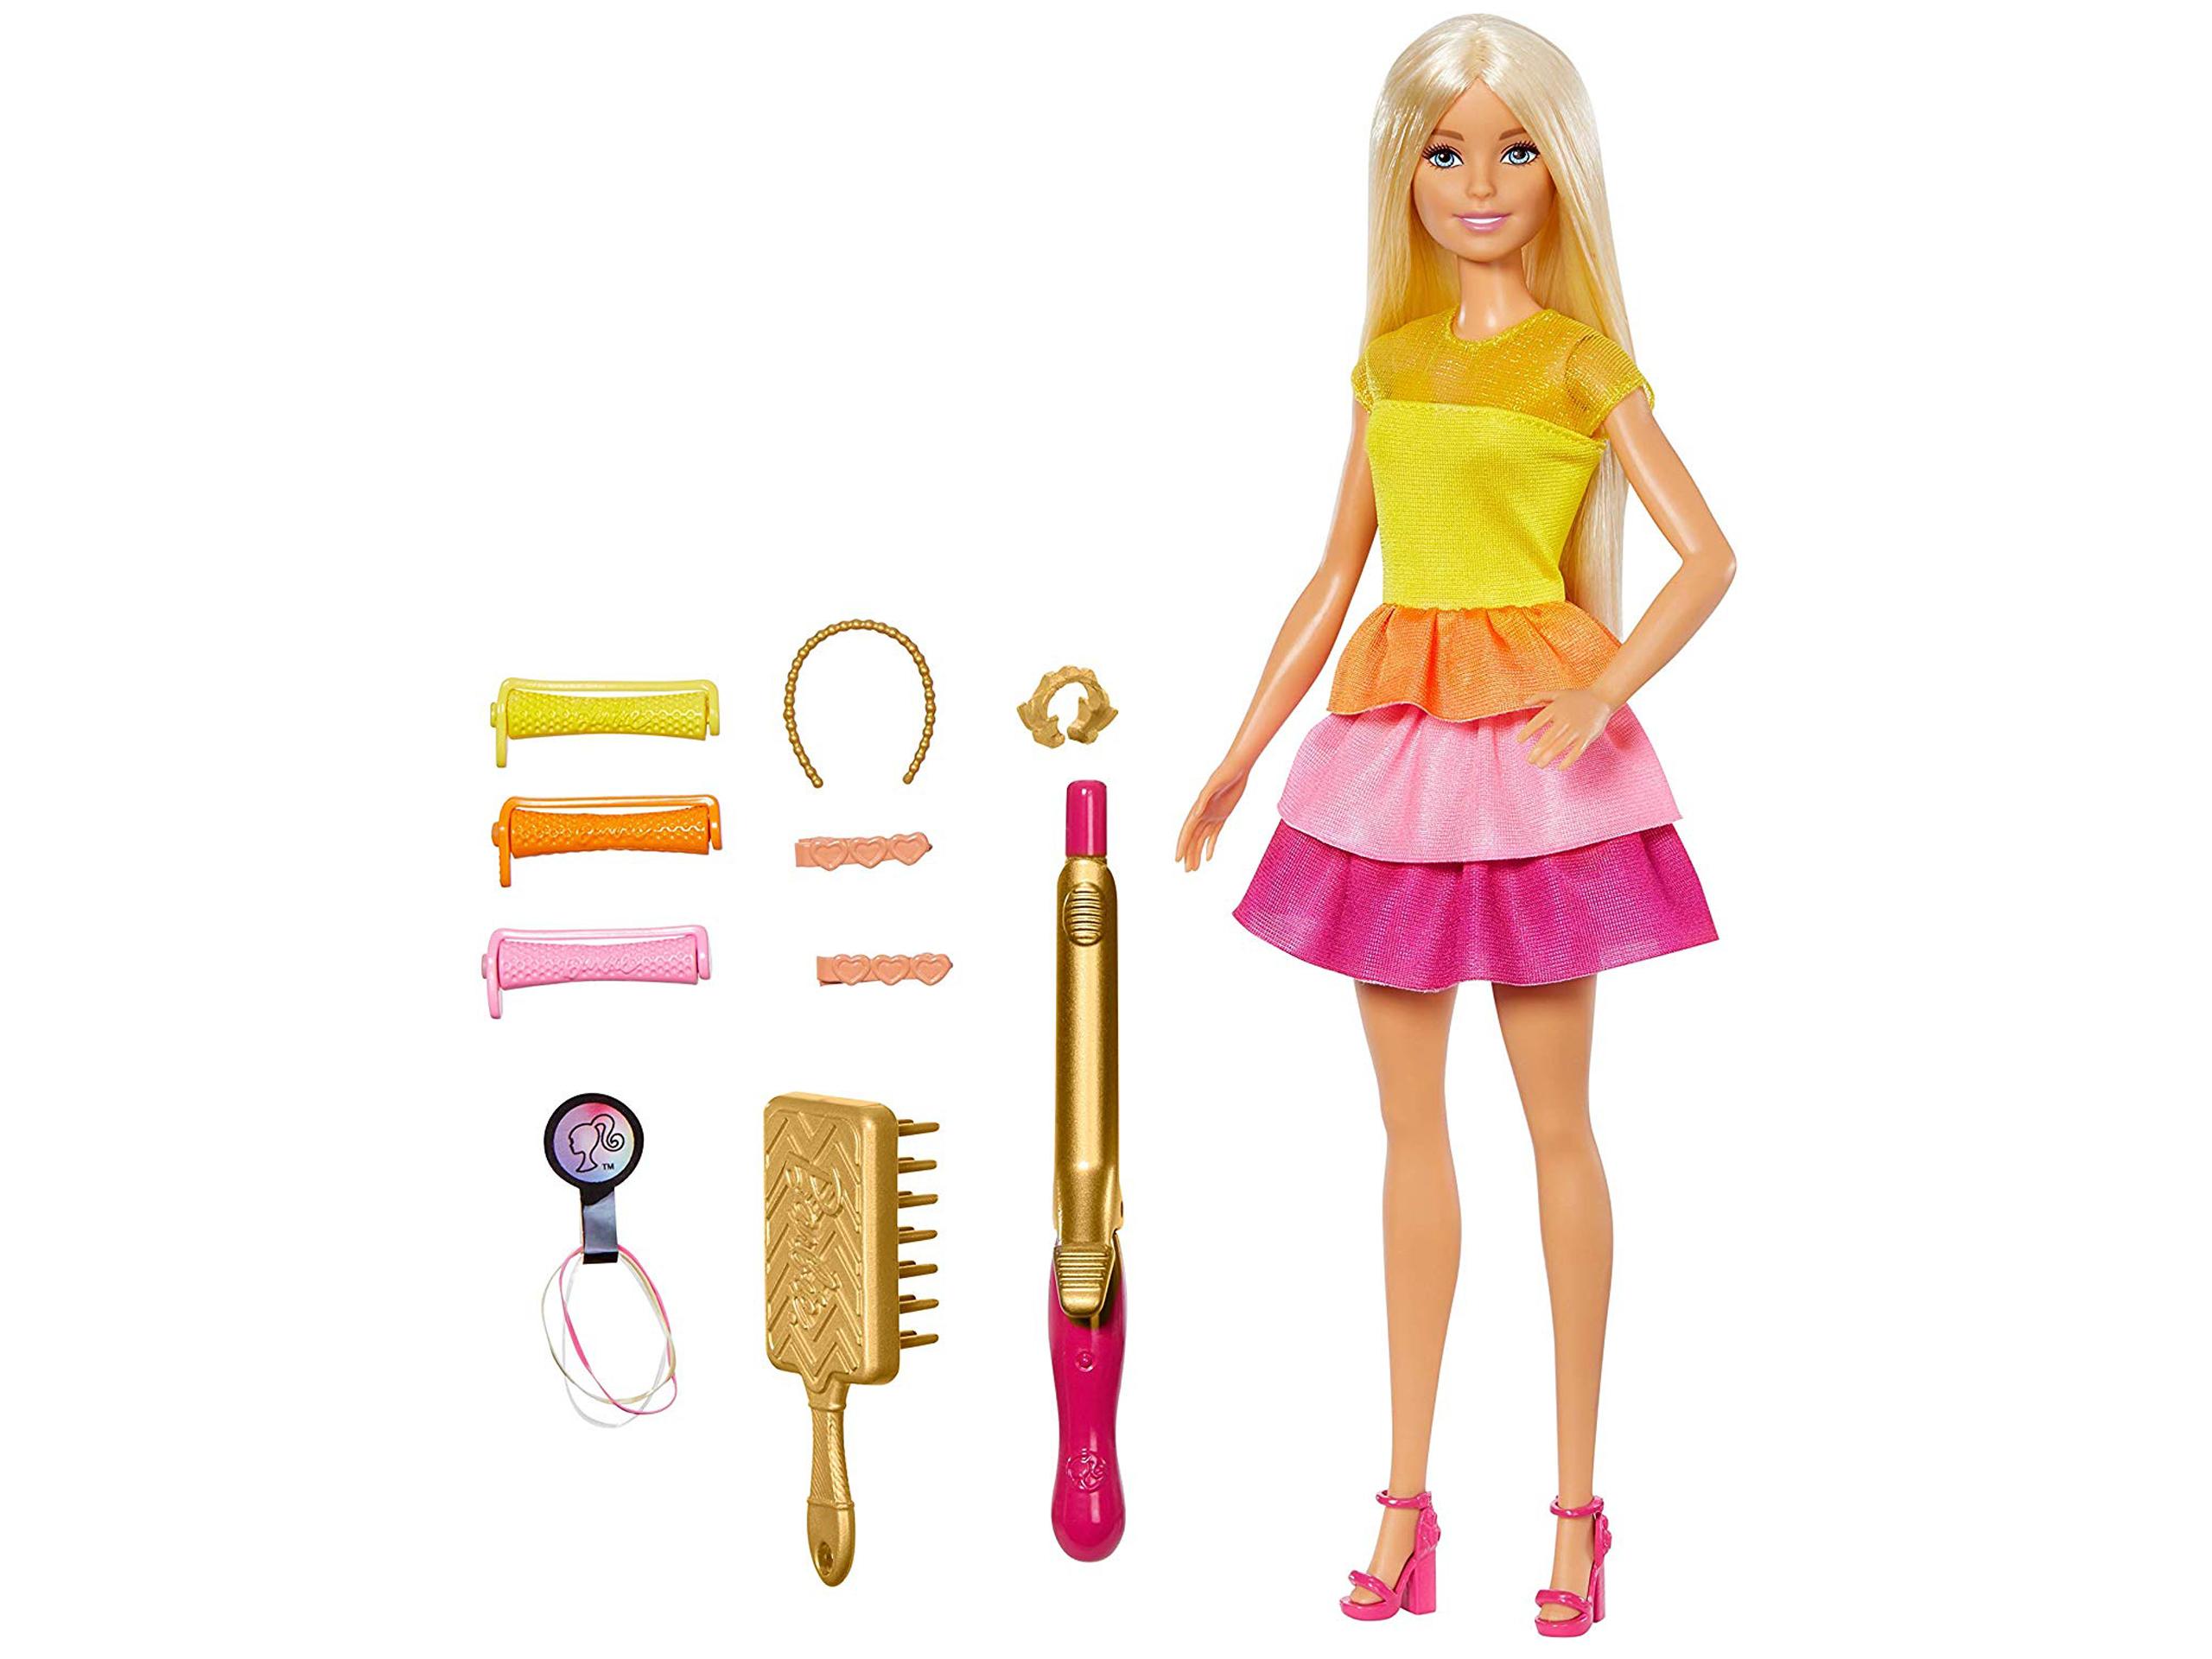 Barbie- Ricci Perfetti, Bambola Bionda con Capelli Lunghi da